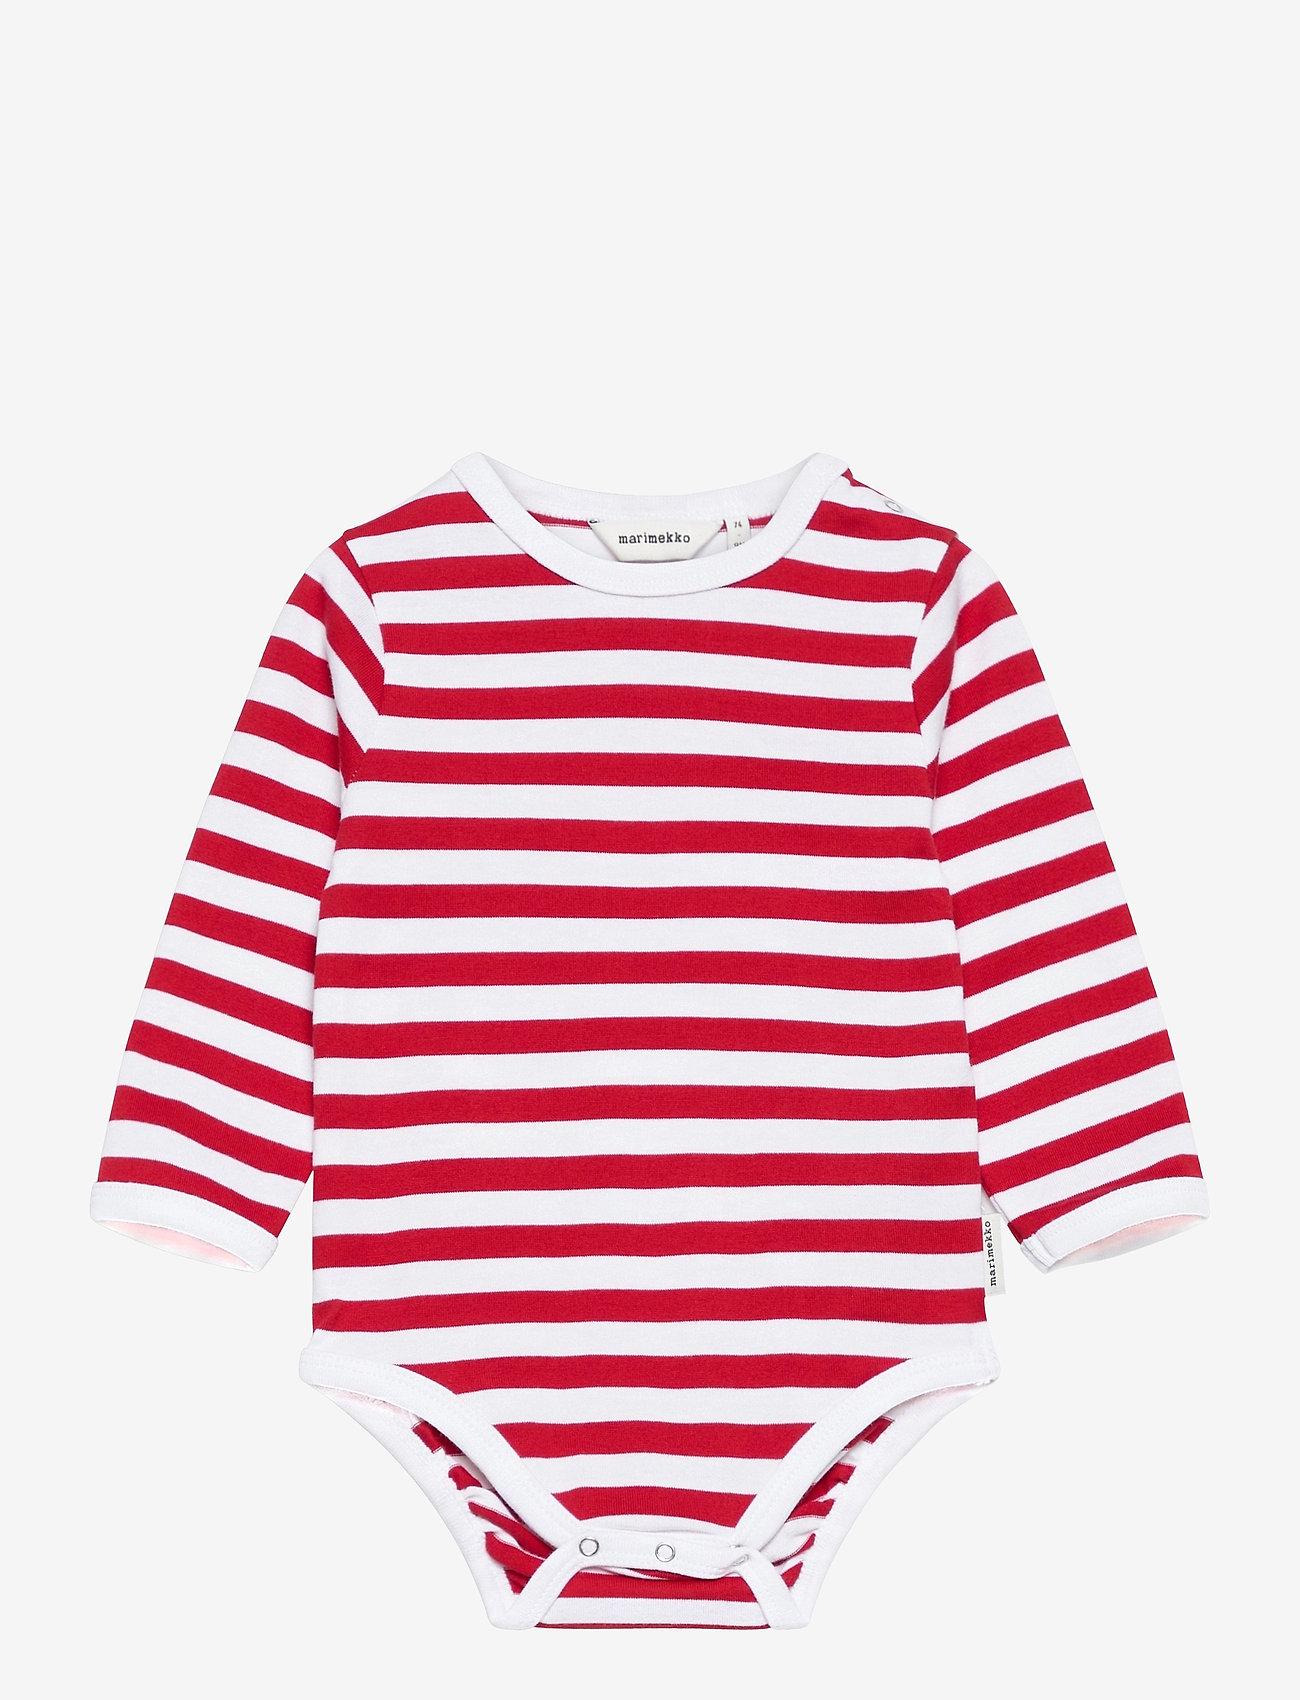 Marimekko - VINDE TASARAITA BODYSUIT - długie rękawy - white, red - 0